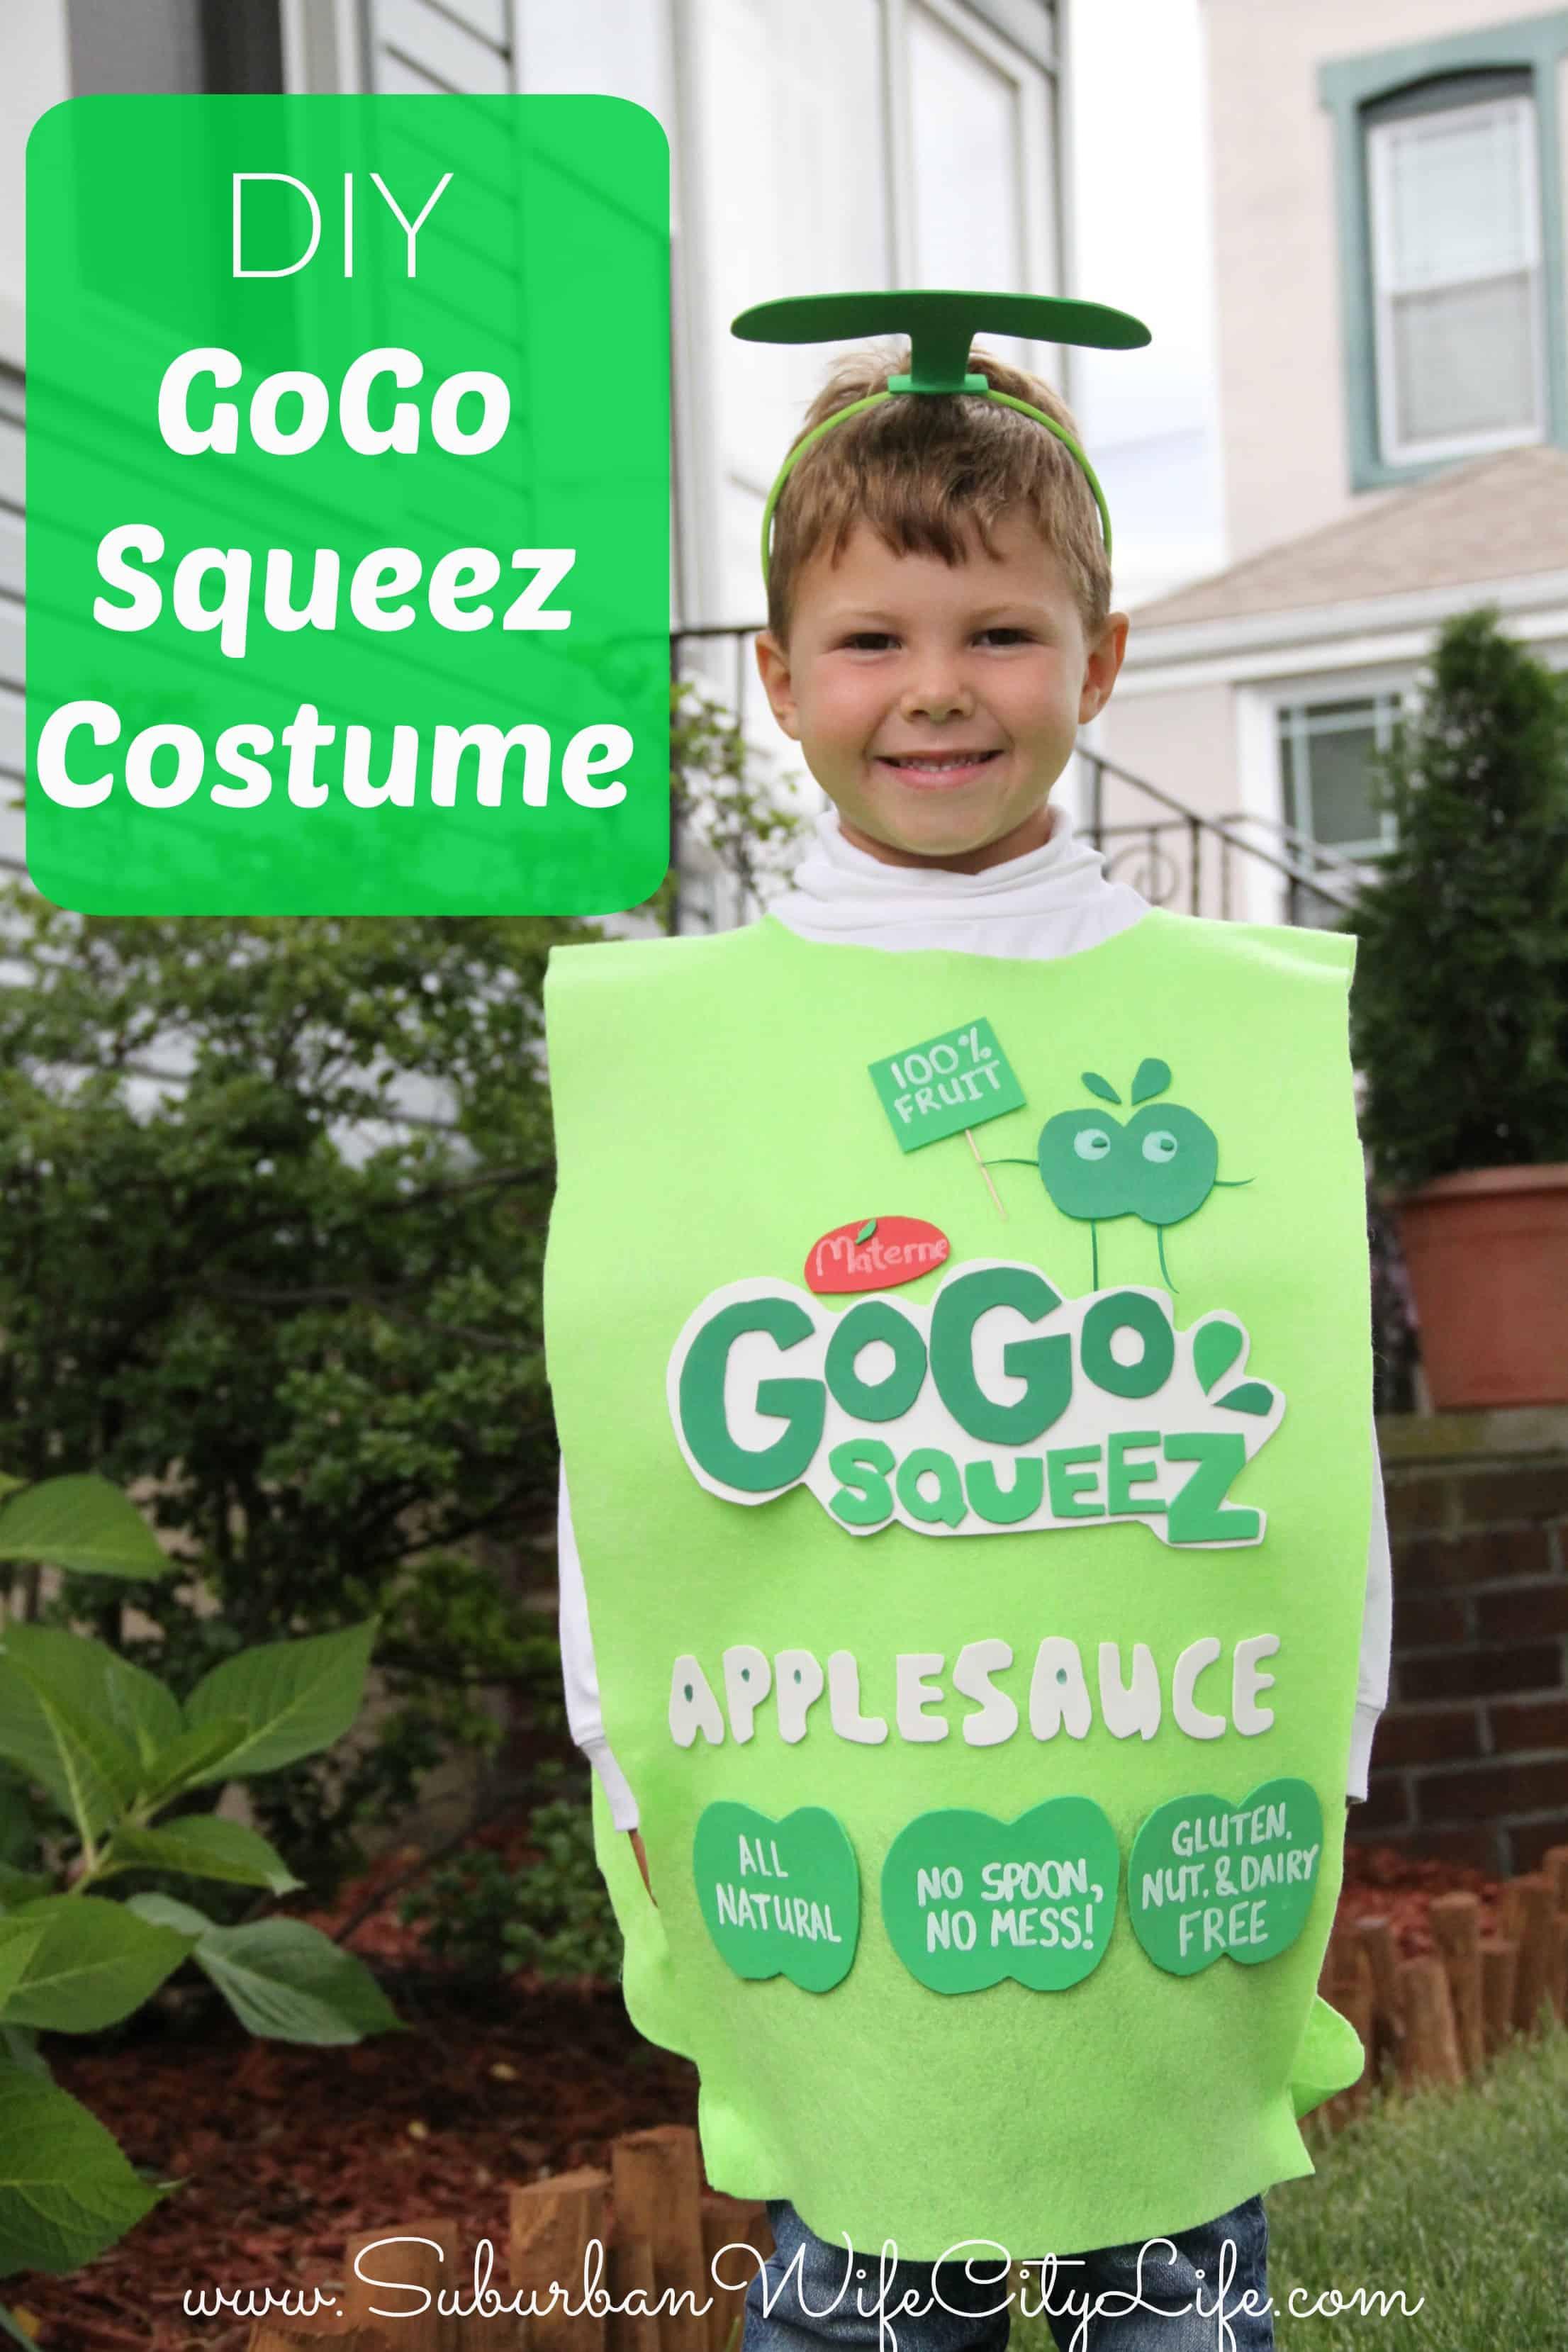 DIY GoGo Squeez Costume